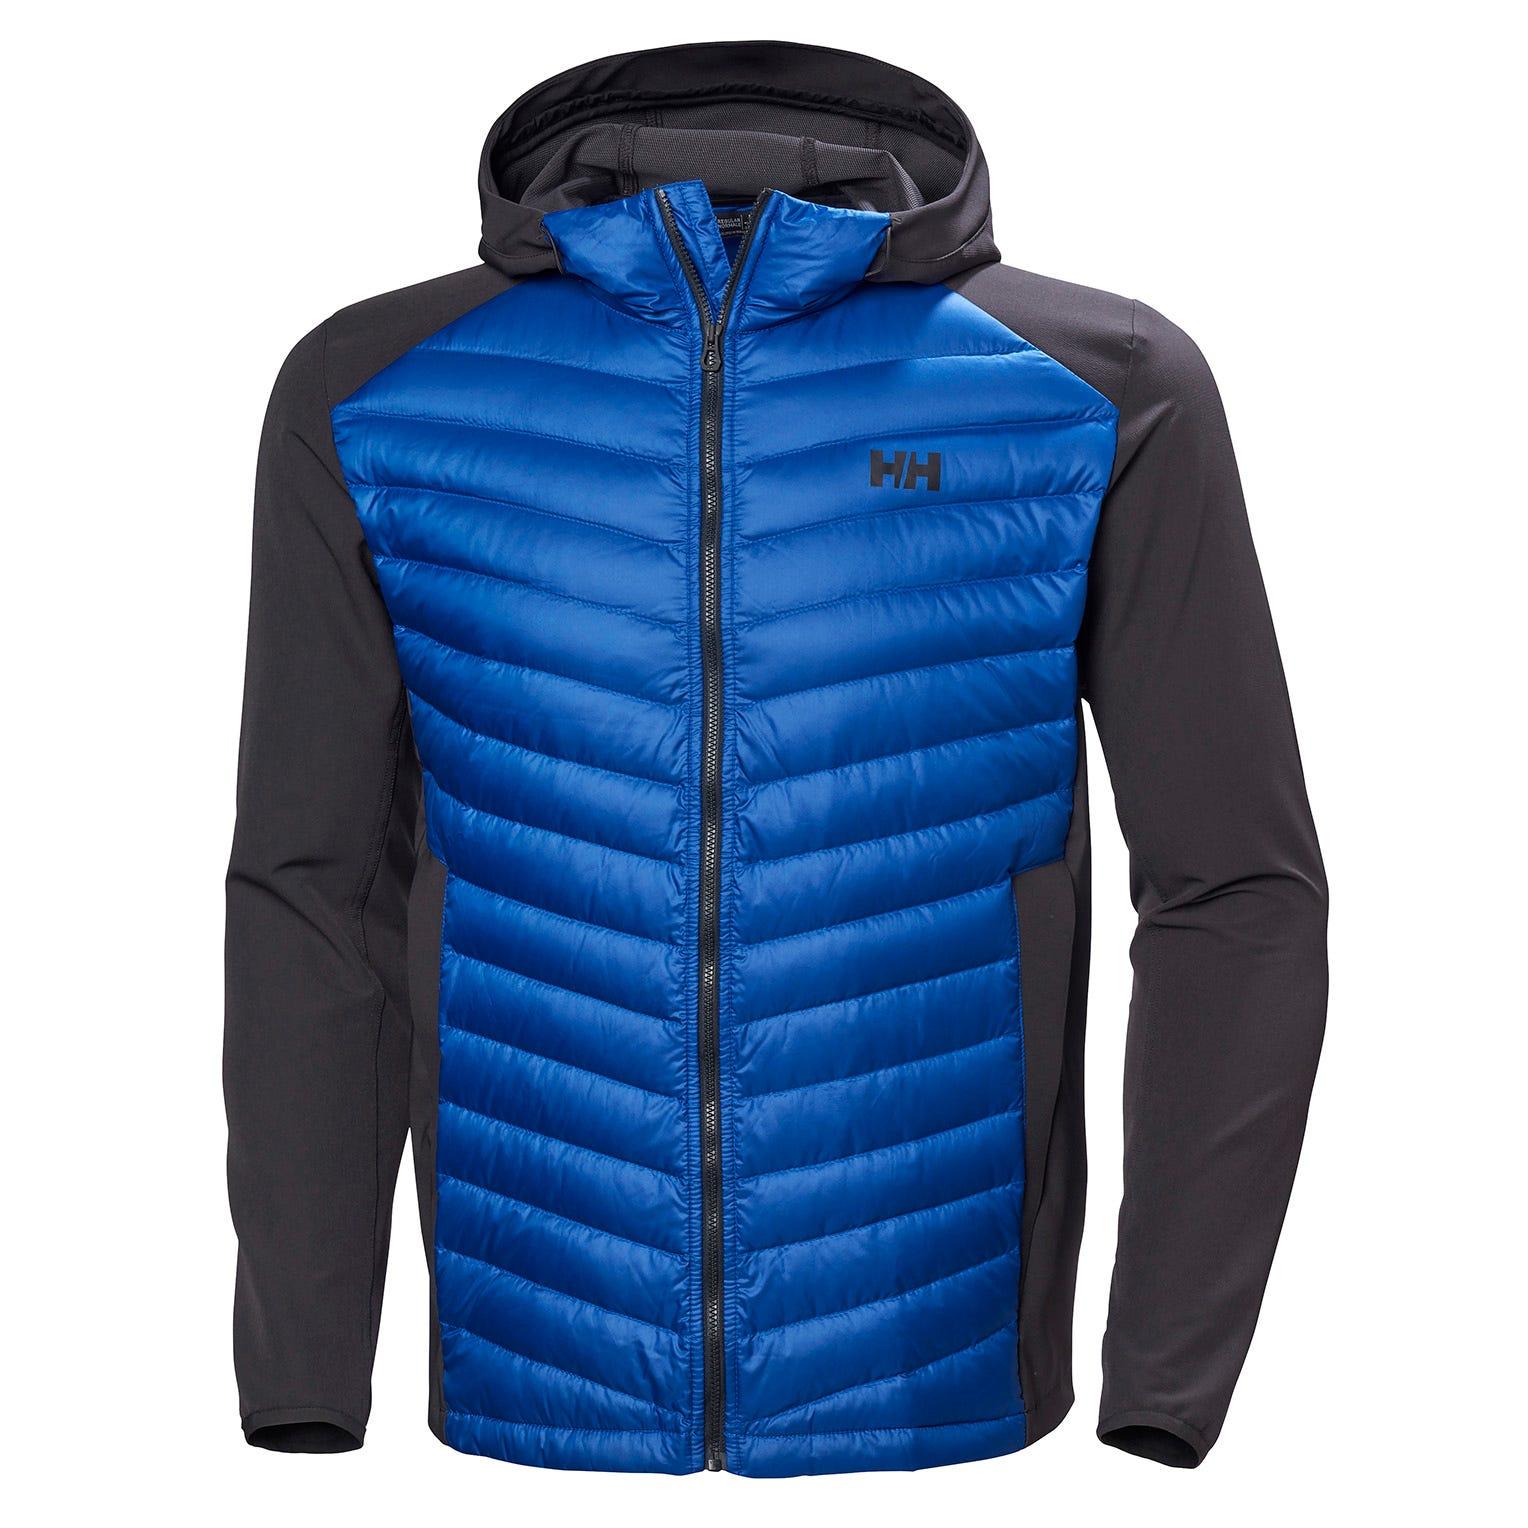 Helly Hansen Verglas Light Jacket Mens Hiking Blue M